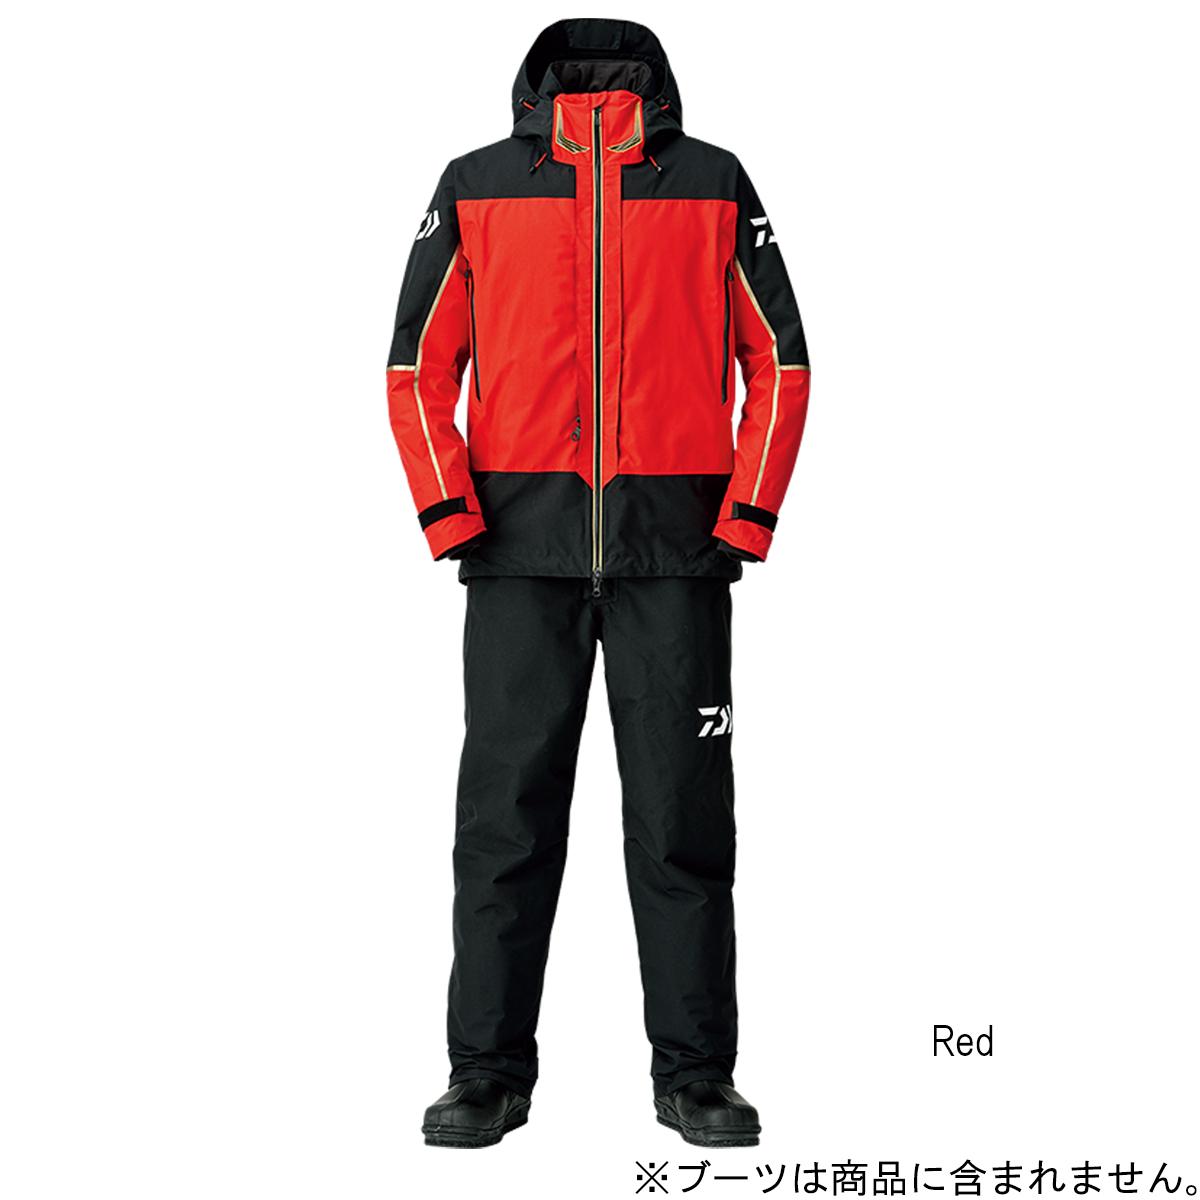 ダイワ ゴアテックス プロダクト コンビアップ ウィンタースーツ DW-1808 XL Red(東日本店)